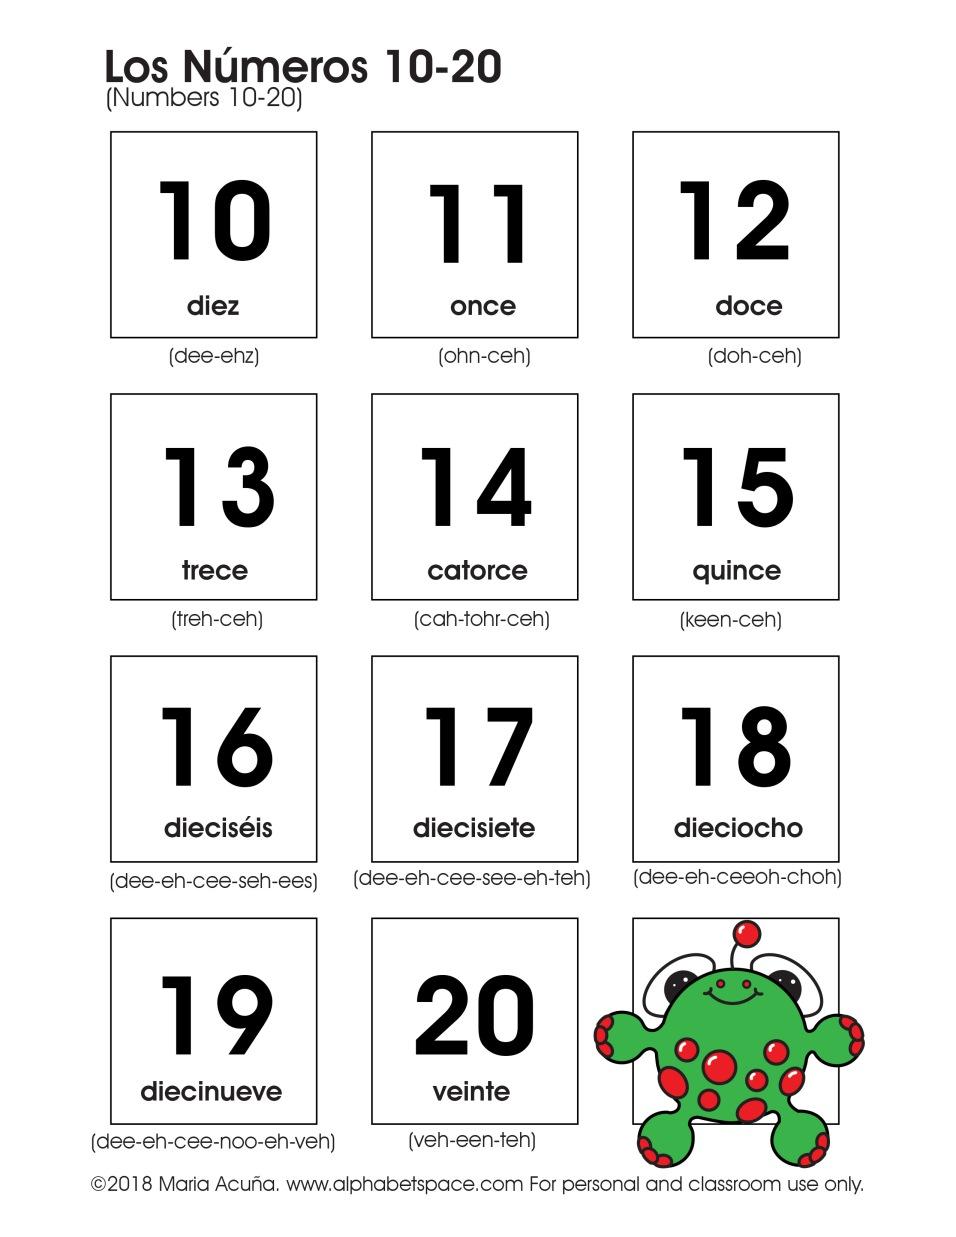 Los números 10-20. Maria Acuna 2018 www.alphabetspace.com.jpg